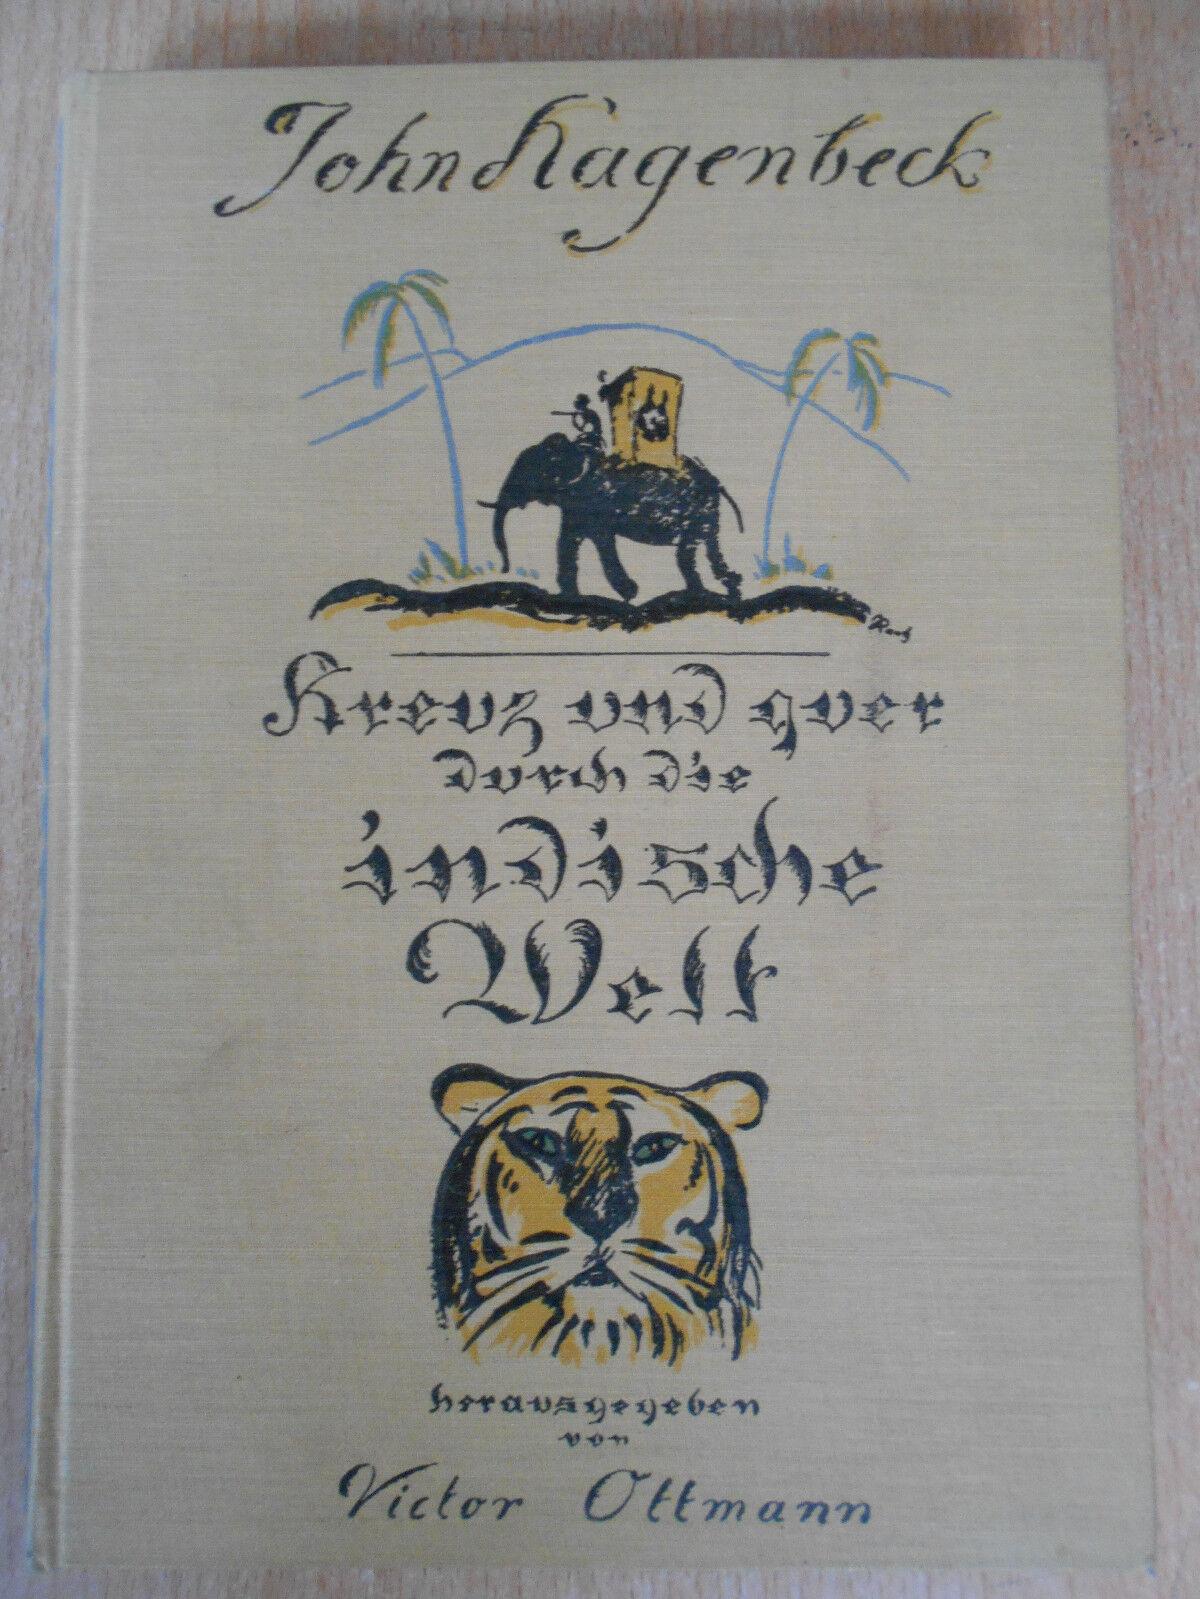 Hagenbeck , John Kreuz und quer durch die indische Welt 1922 Ottmann Abenteuer